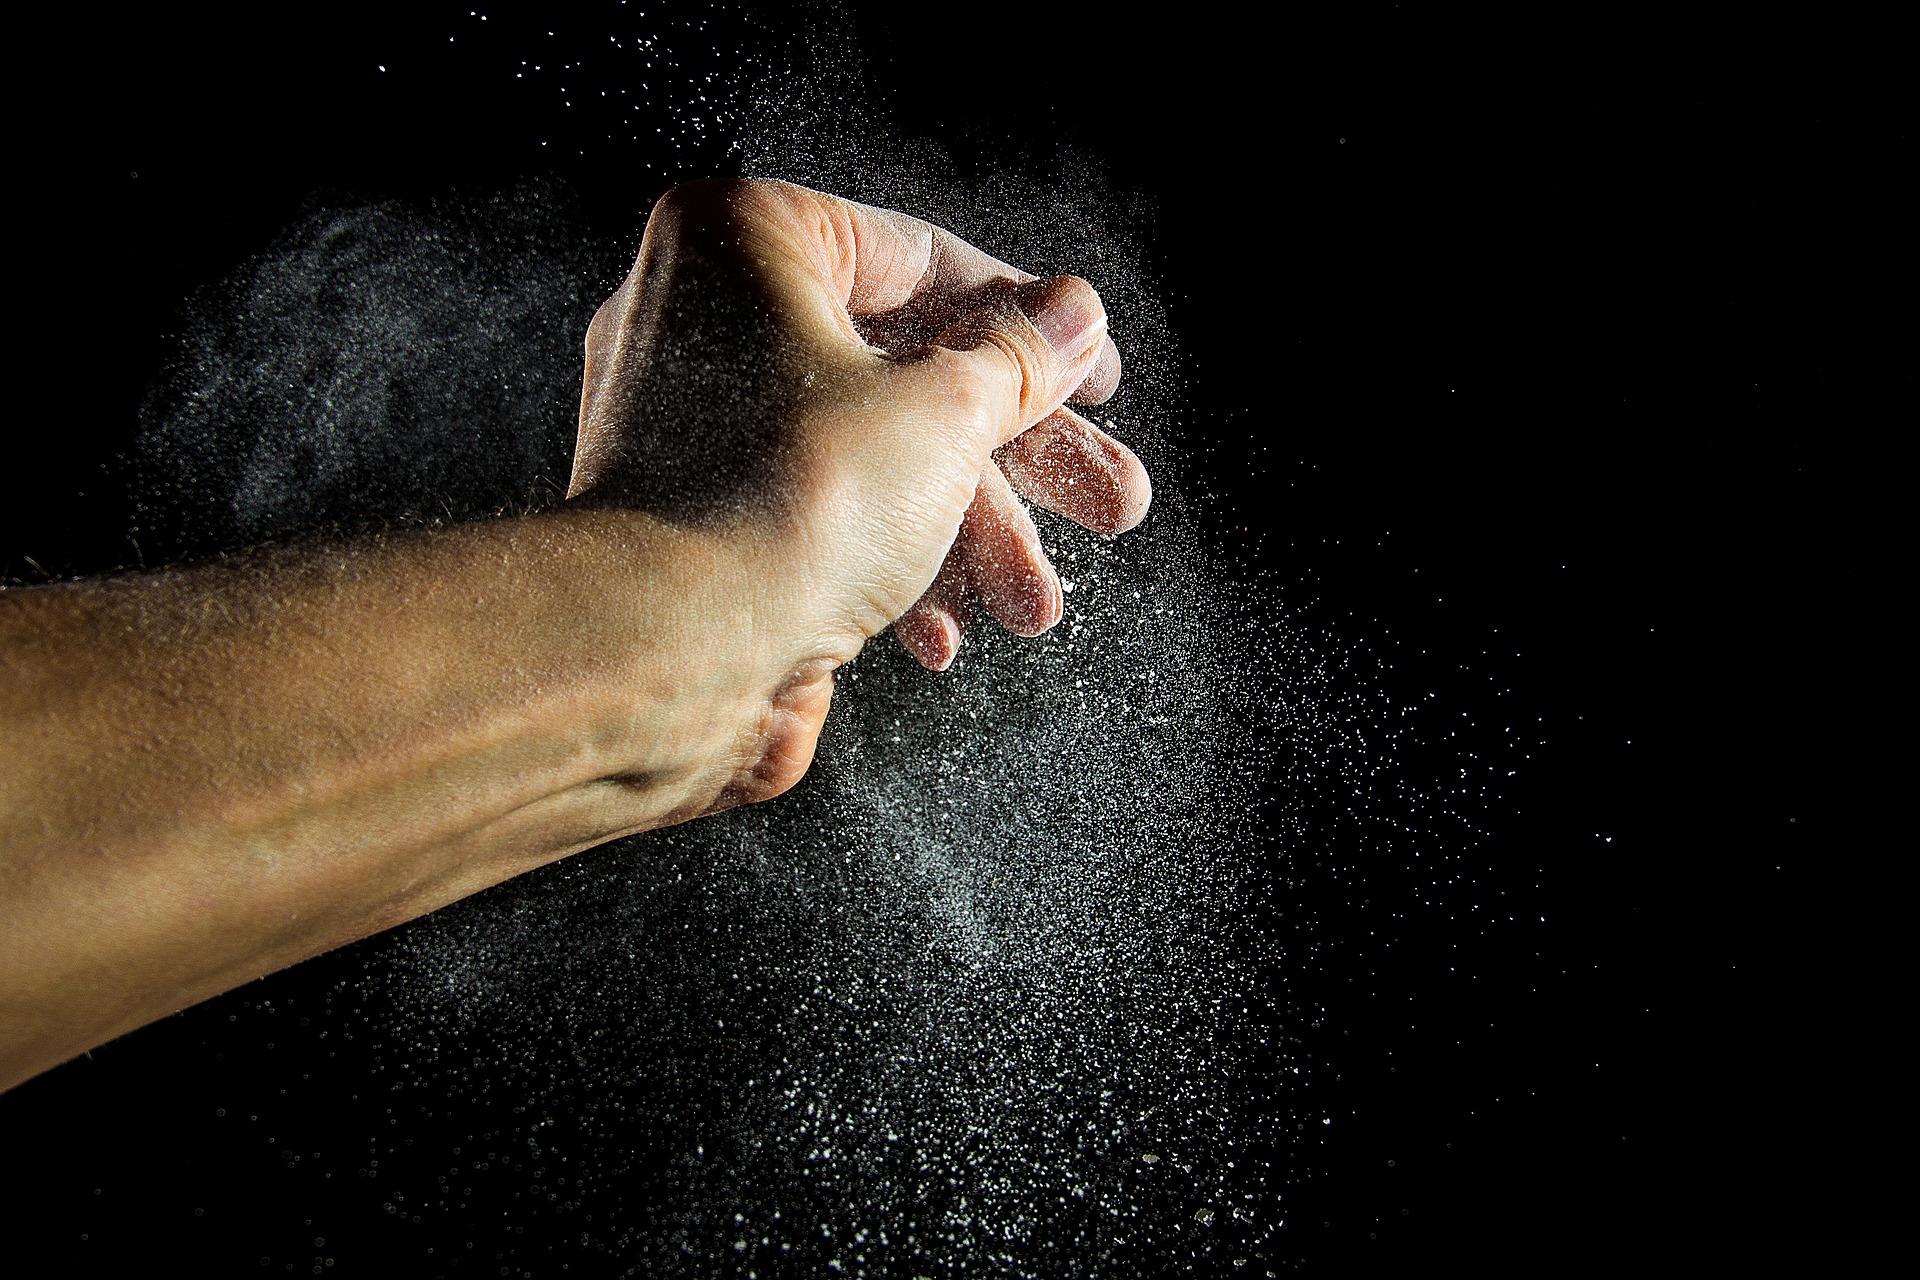 Bilden föreställer en hand som släpper ett moln av vitt damm mot en svart bakgrund.